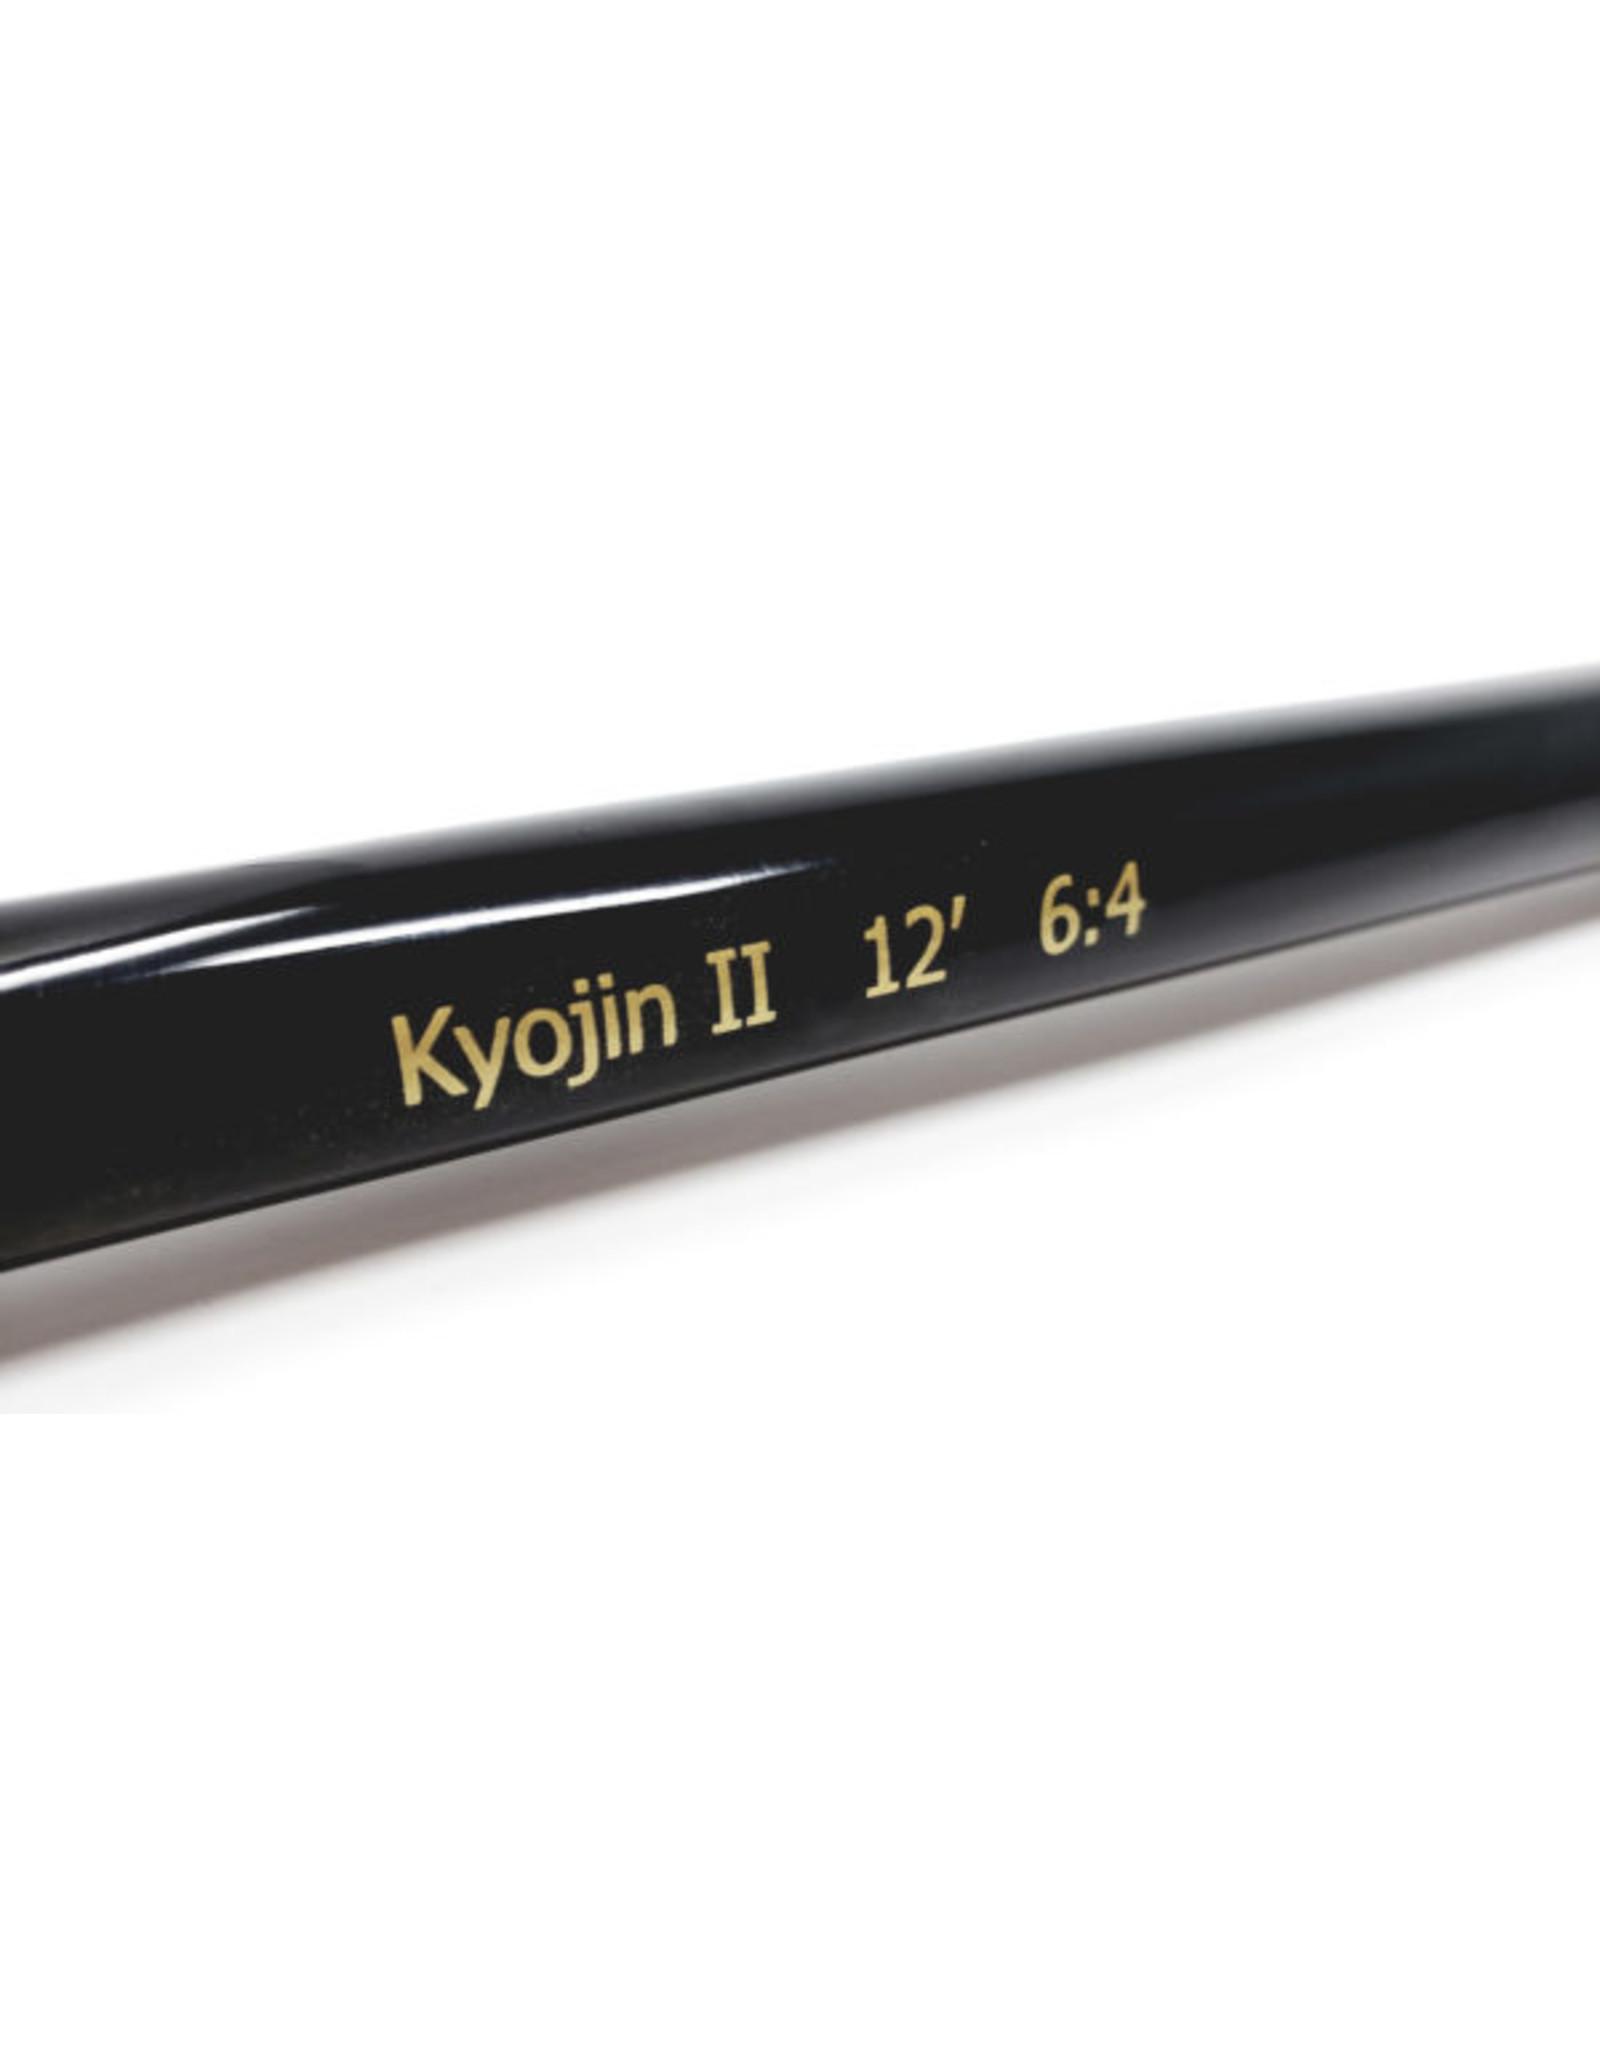 Zen Fly Fishing Gear Zen Tenkara - Kyojin II Spey Fly Rod w/ Rod Sock and Carbon Fiber Travel Case